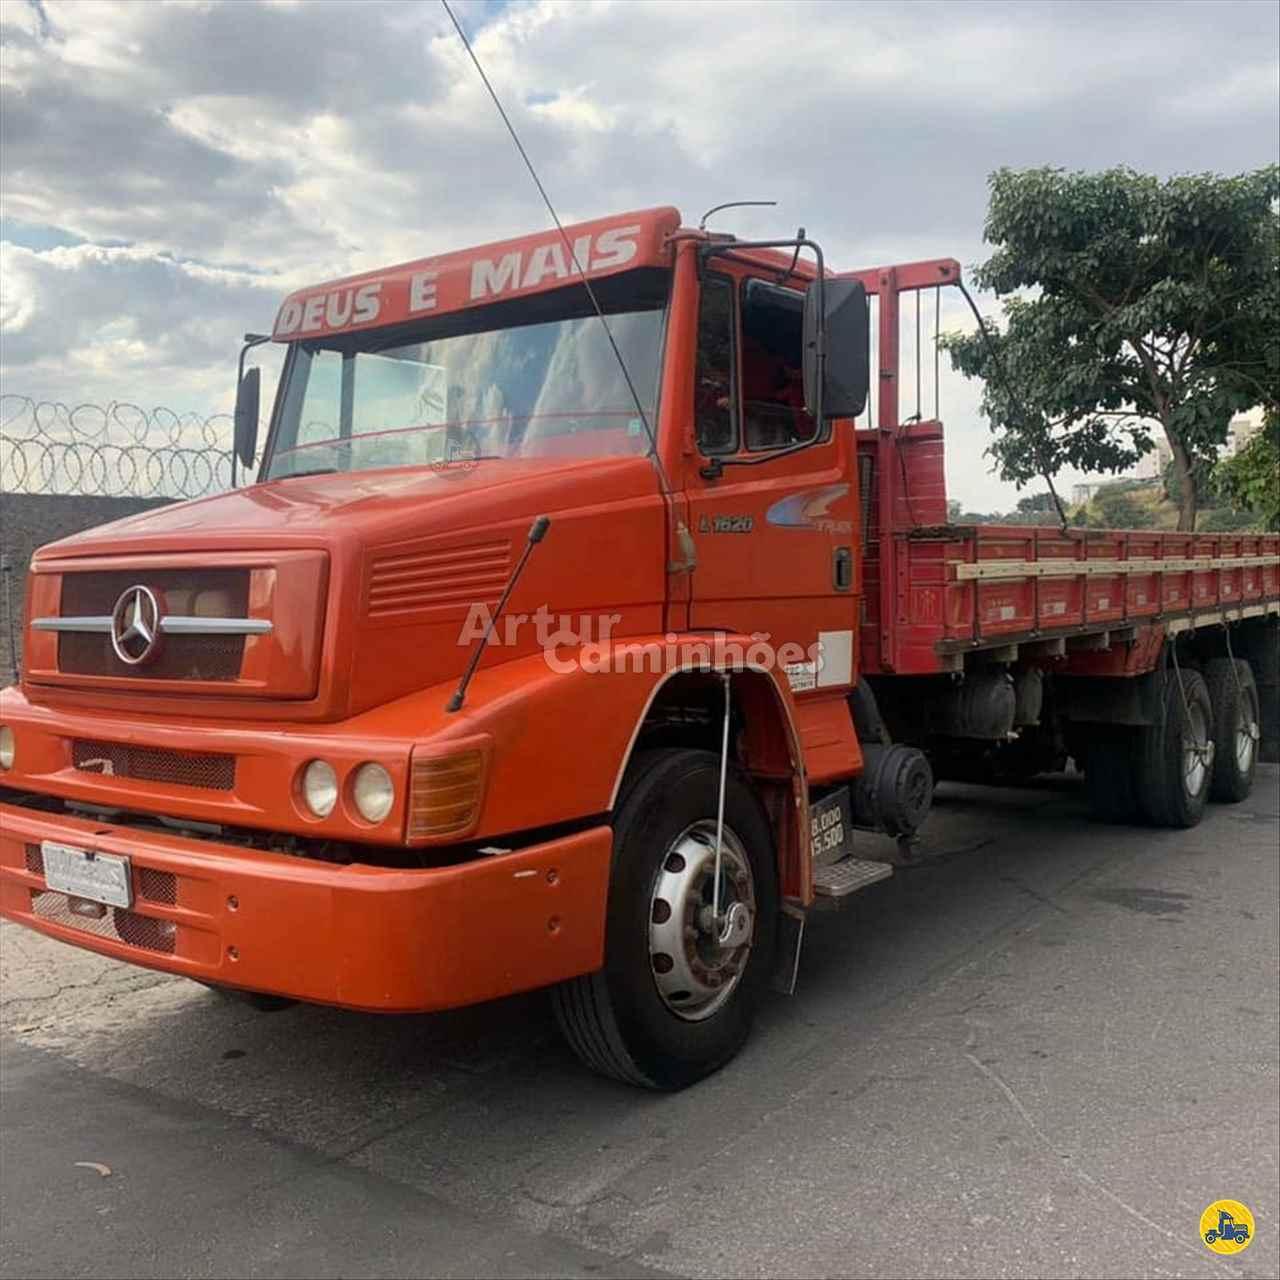 CAMINHAO MERCEDES-BENZ MB 1620 Carga Seca Truck 6x2 Artur Caminhões DIVINOPOLIS MINAS GERAIS MG